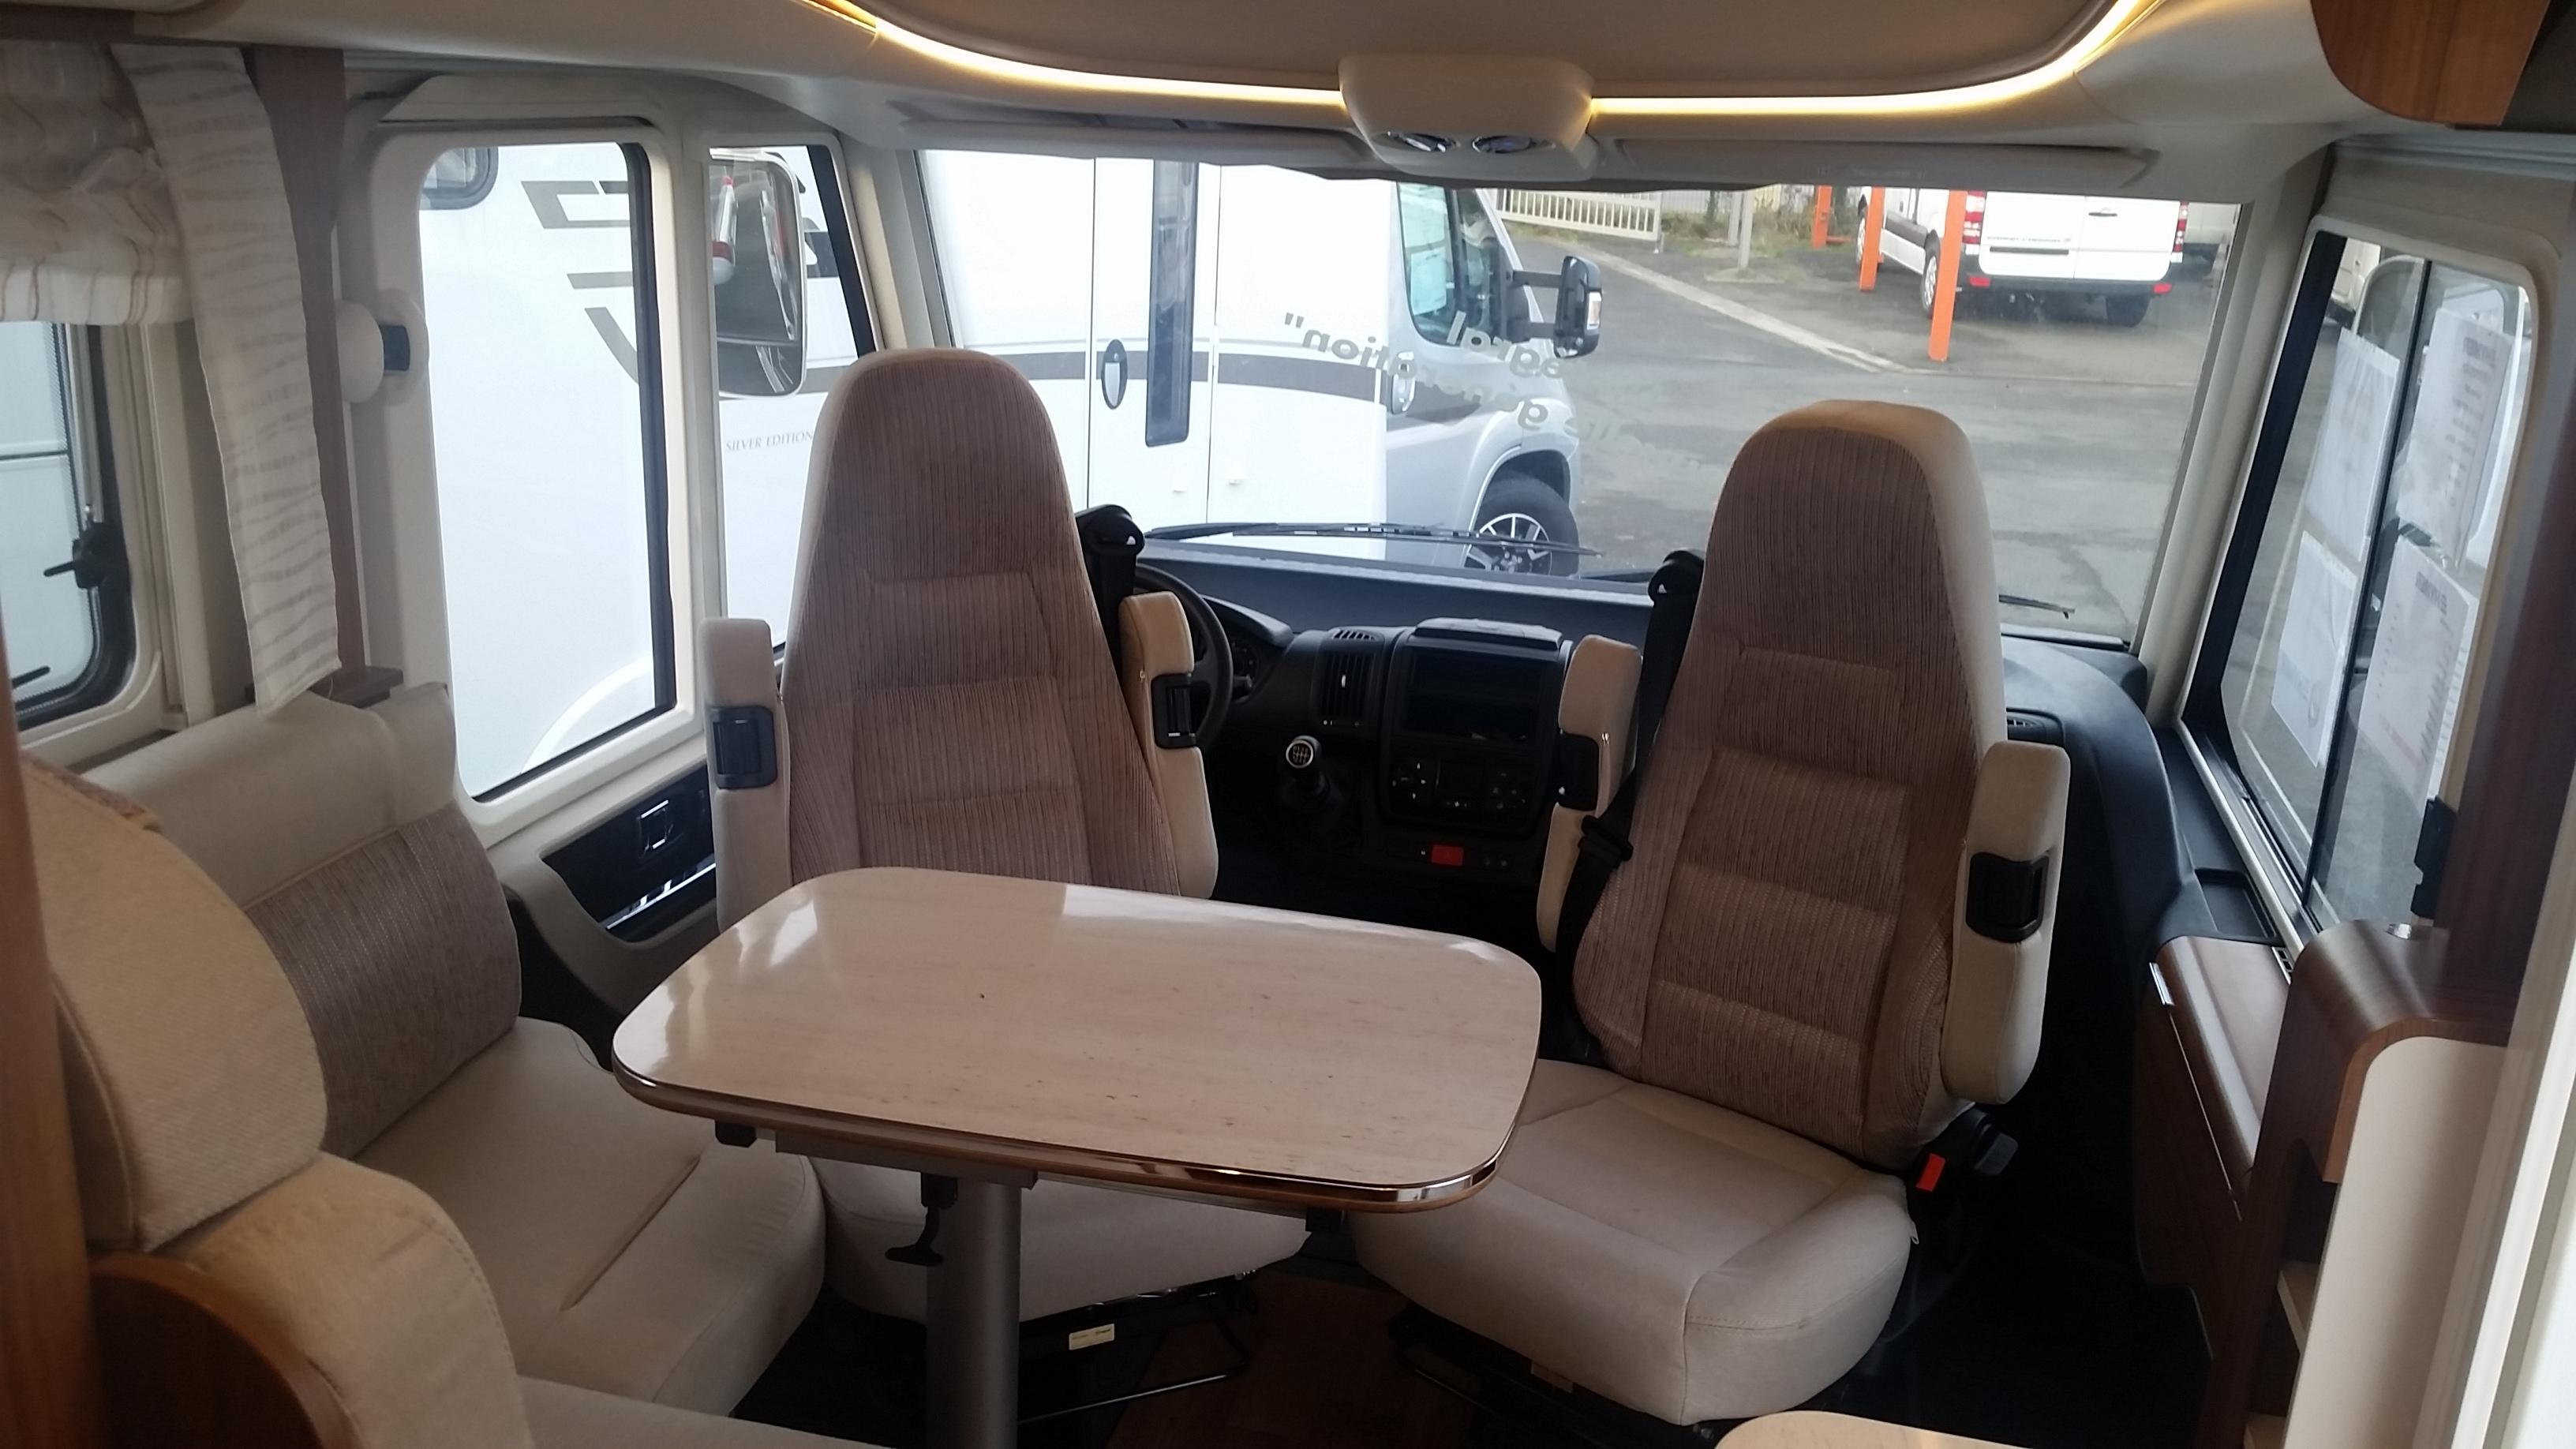 hymer b dl 504 occasion de 2017 - fiat - camping car en vente  u00e0 cuinchy  pas-de-calais